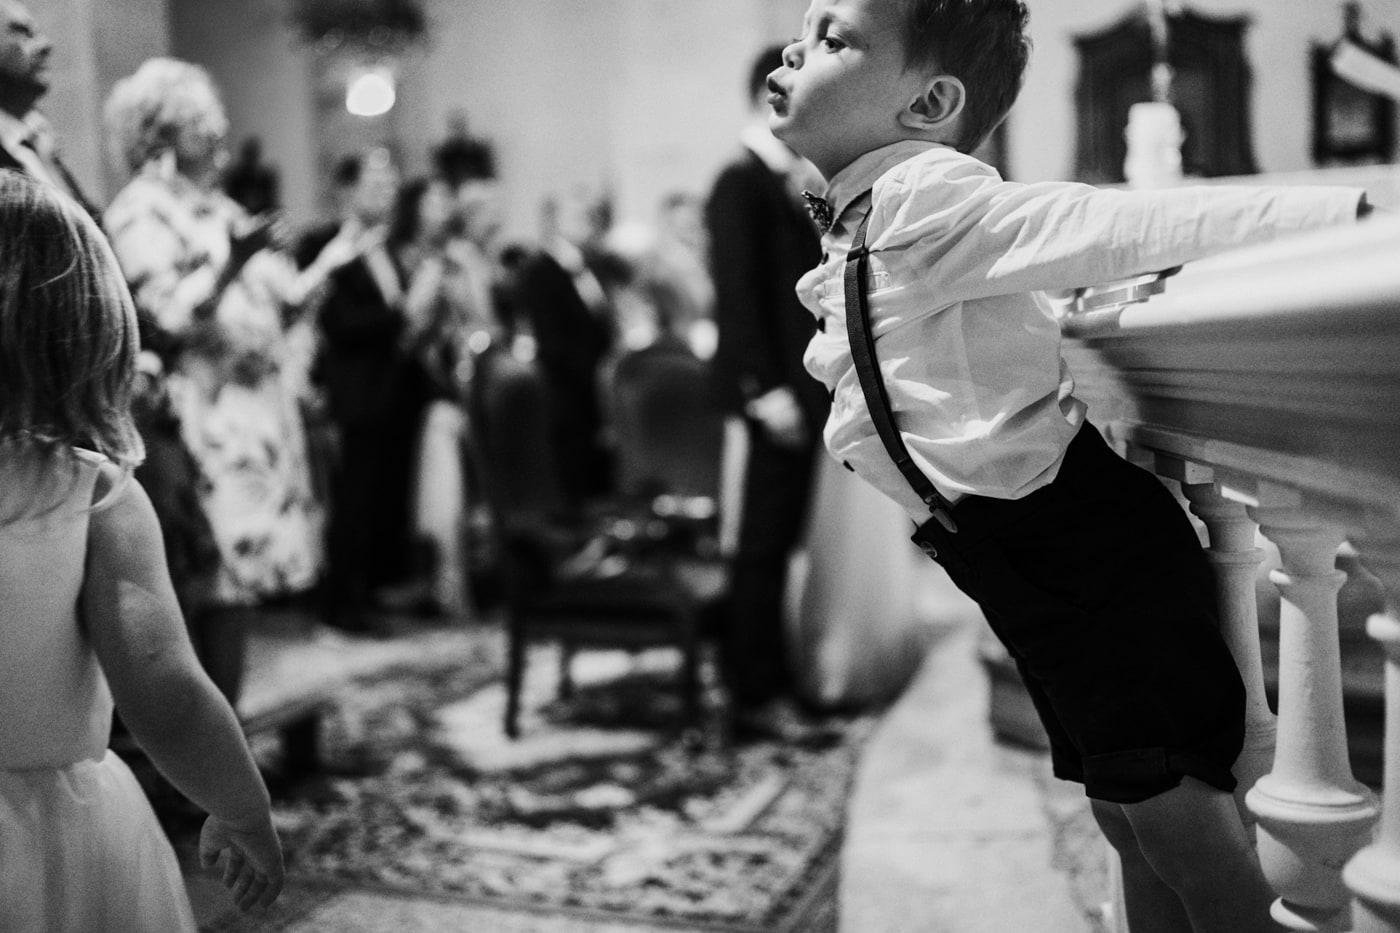 Mariage religieux à jonquerette-Mariage chic et moderne sur l'ile de Barthelasse-Delphine Closse